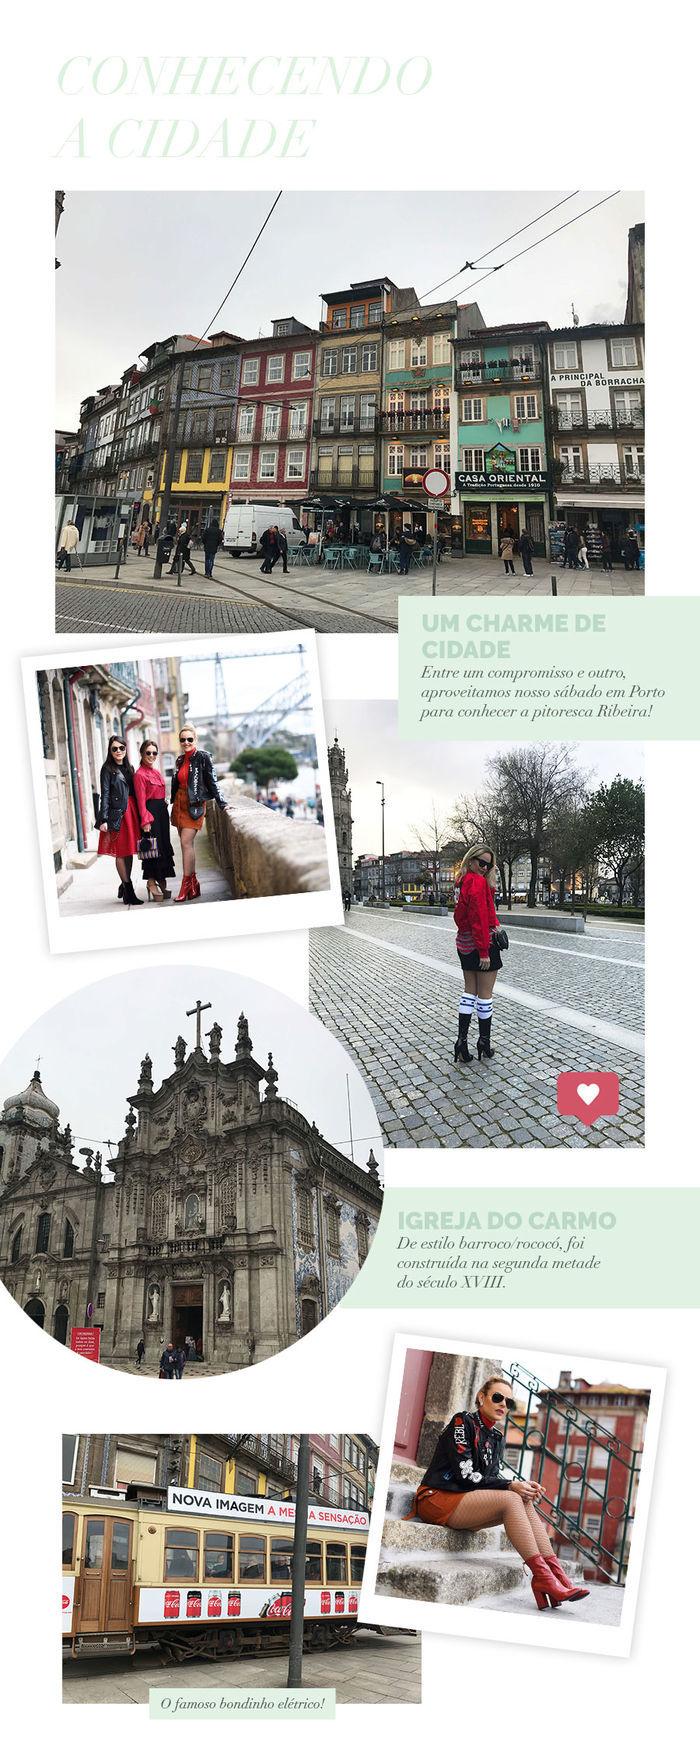 Layla Monteiro em Portugal Porto pontos turísticos Igreja do Carmo bonde elétrico ribeira caras blog